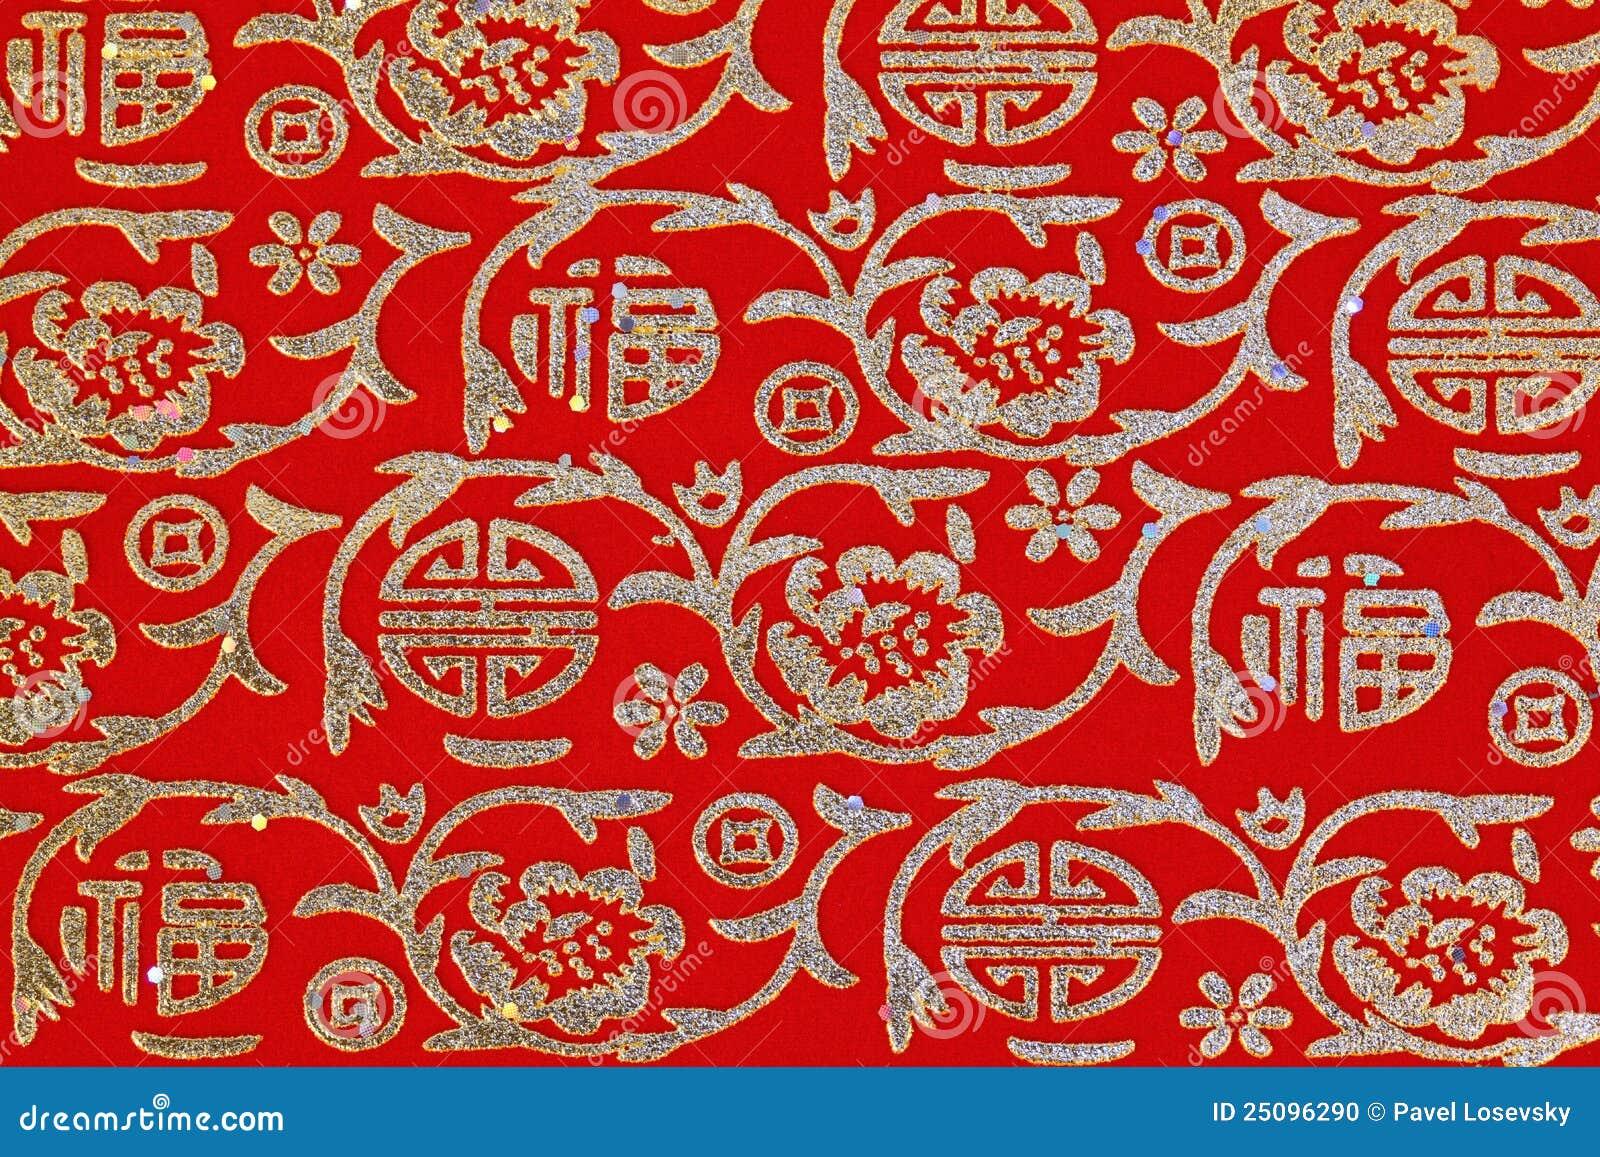 Chinese fabric patterns - photo#16